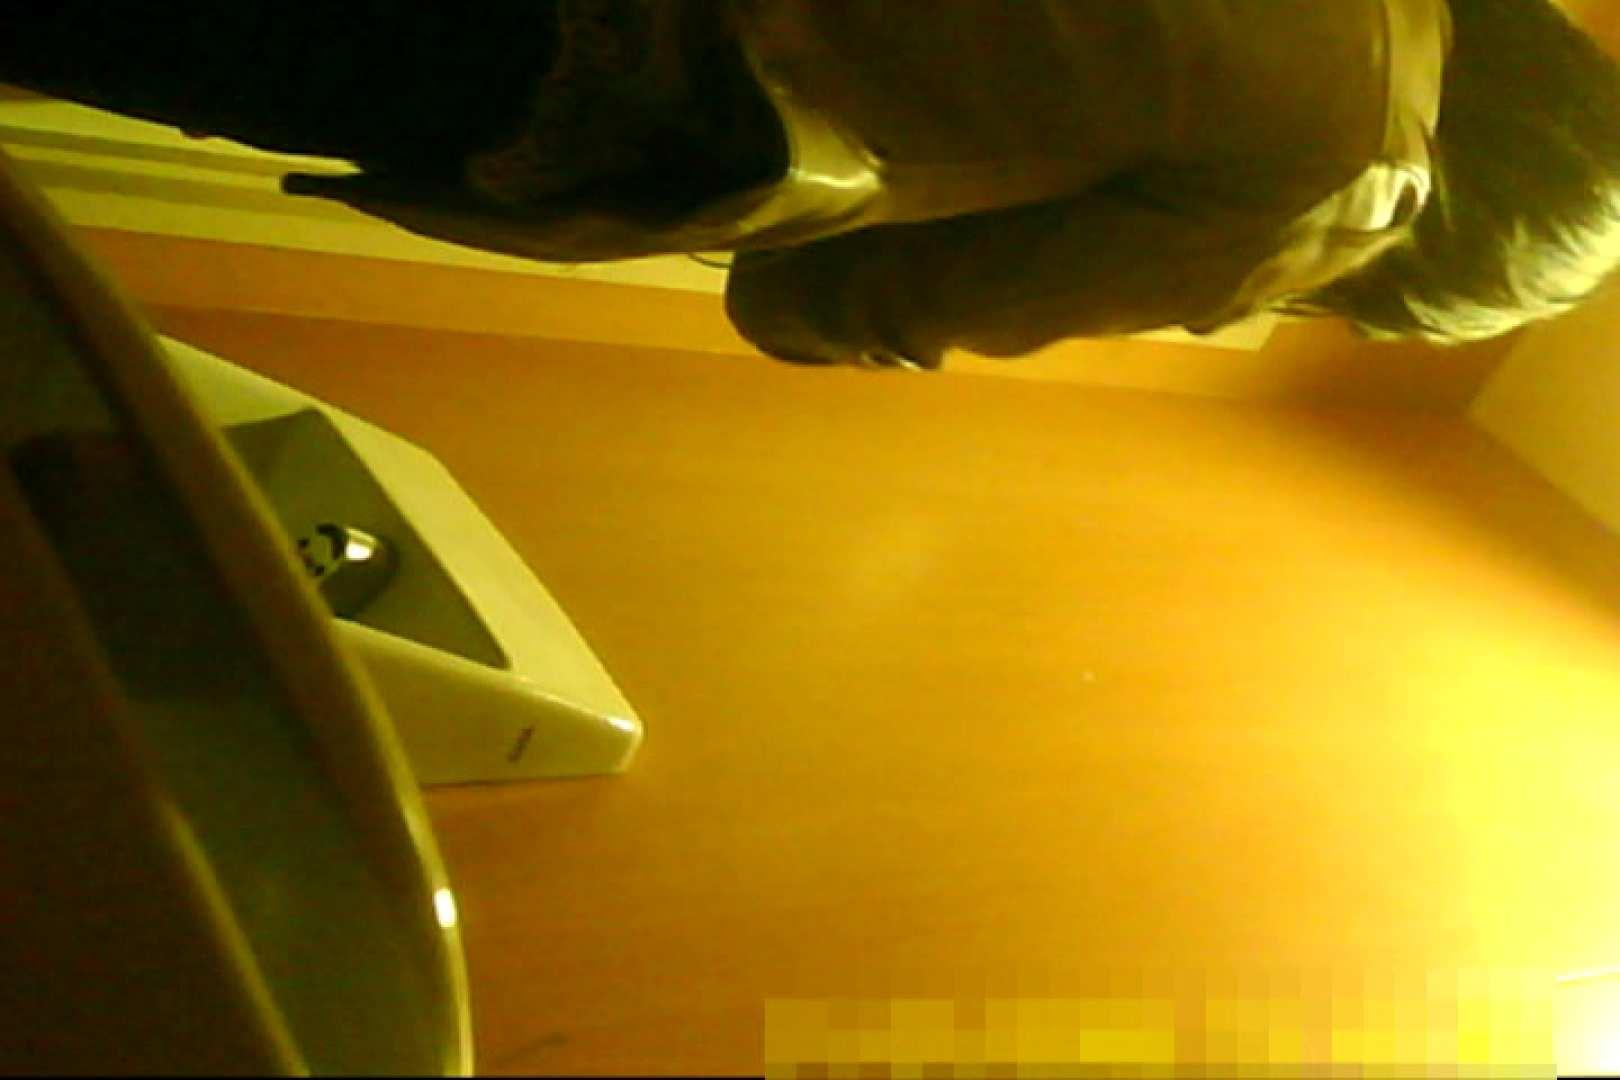 魅惑の化粧室~禁断のプライベート空間~29 プライベート | 盗撮師作品  87pic 41